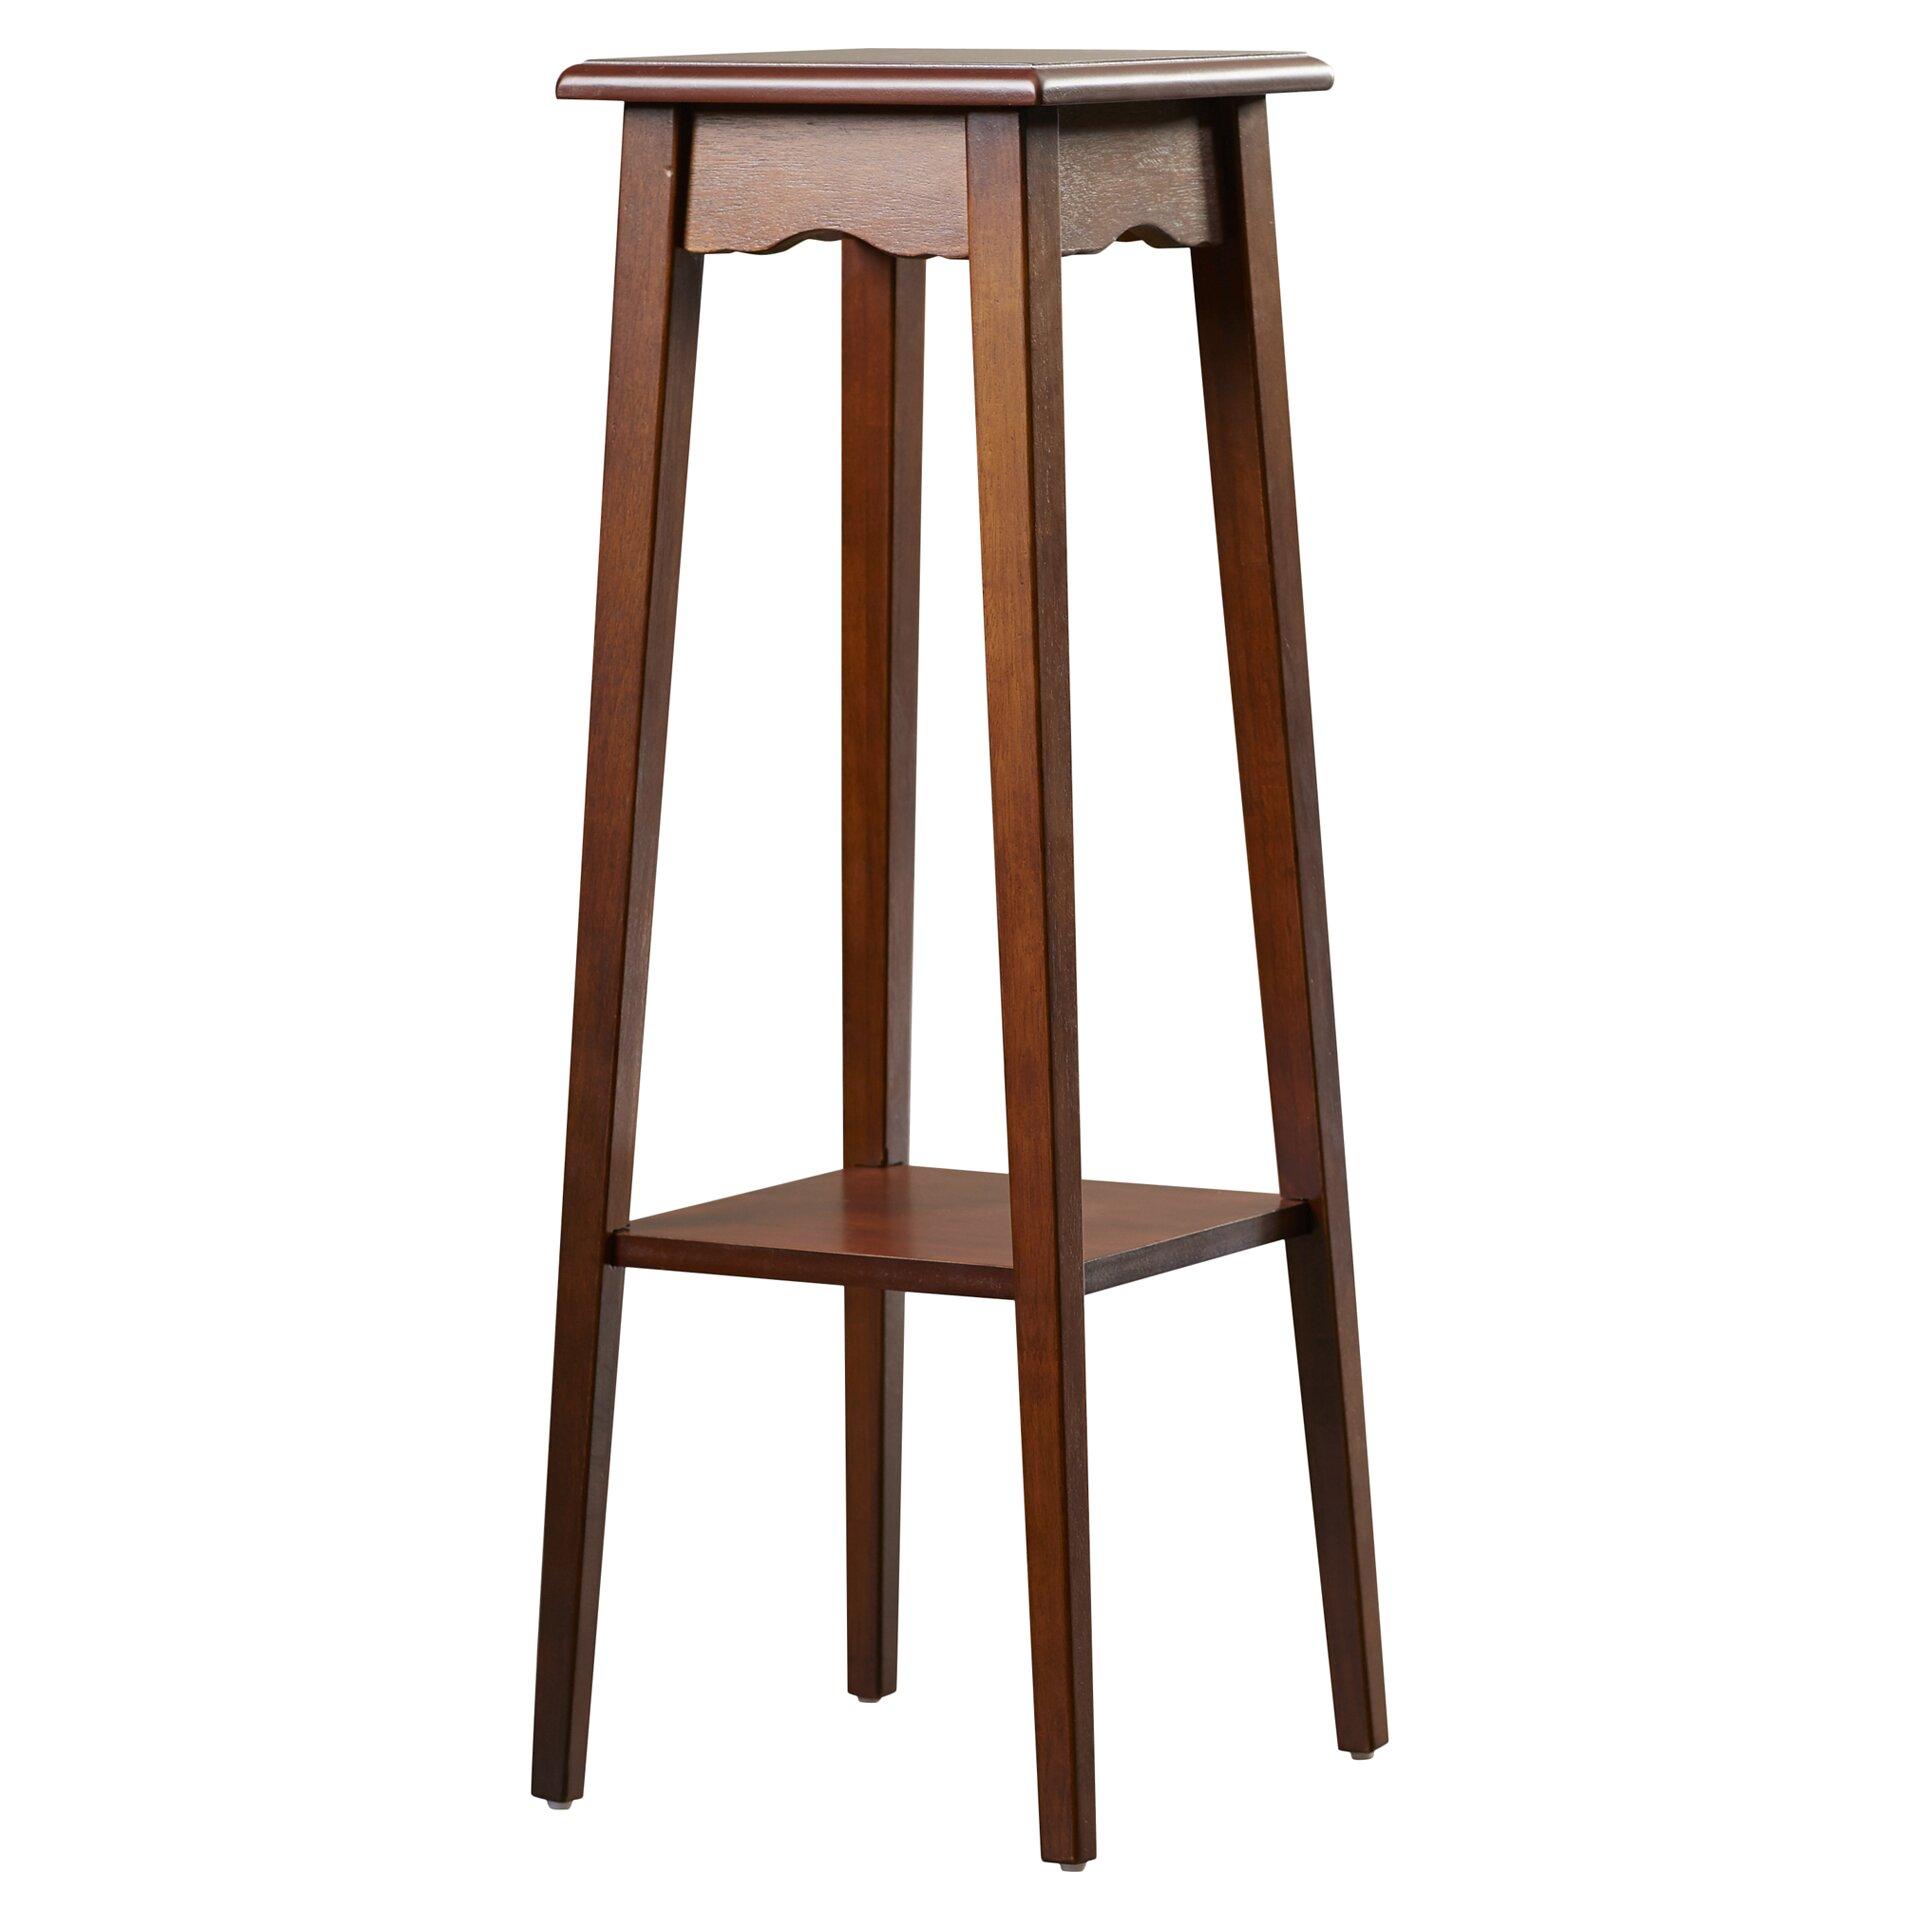 Darbys Furniture